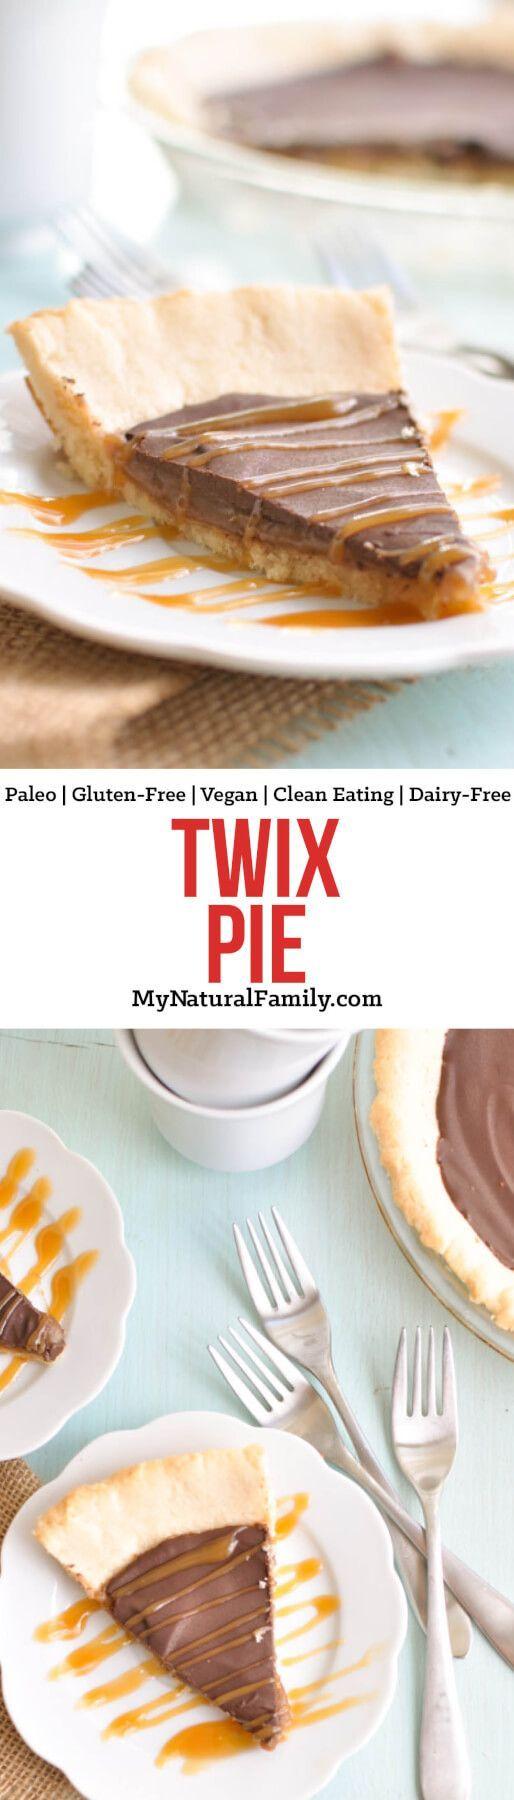 4562 best Paleo | GlutenFree | DairyFree | Whole30 images on ...